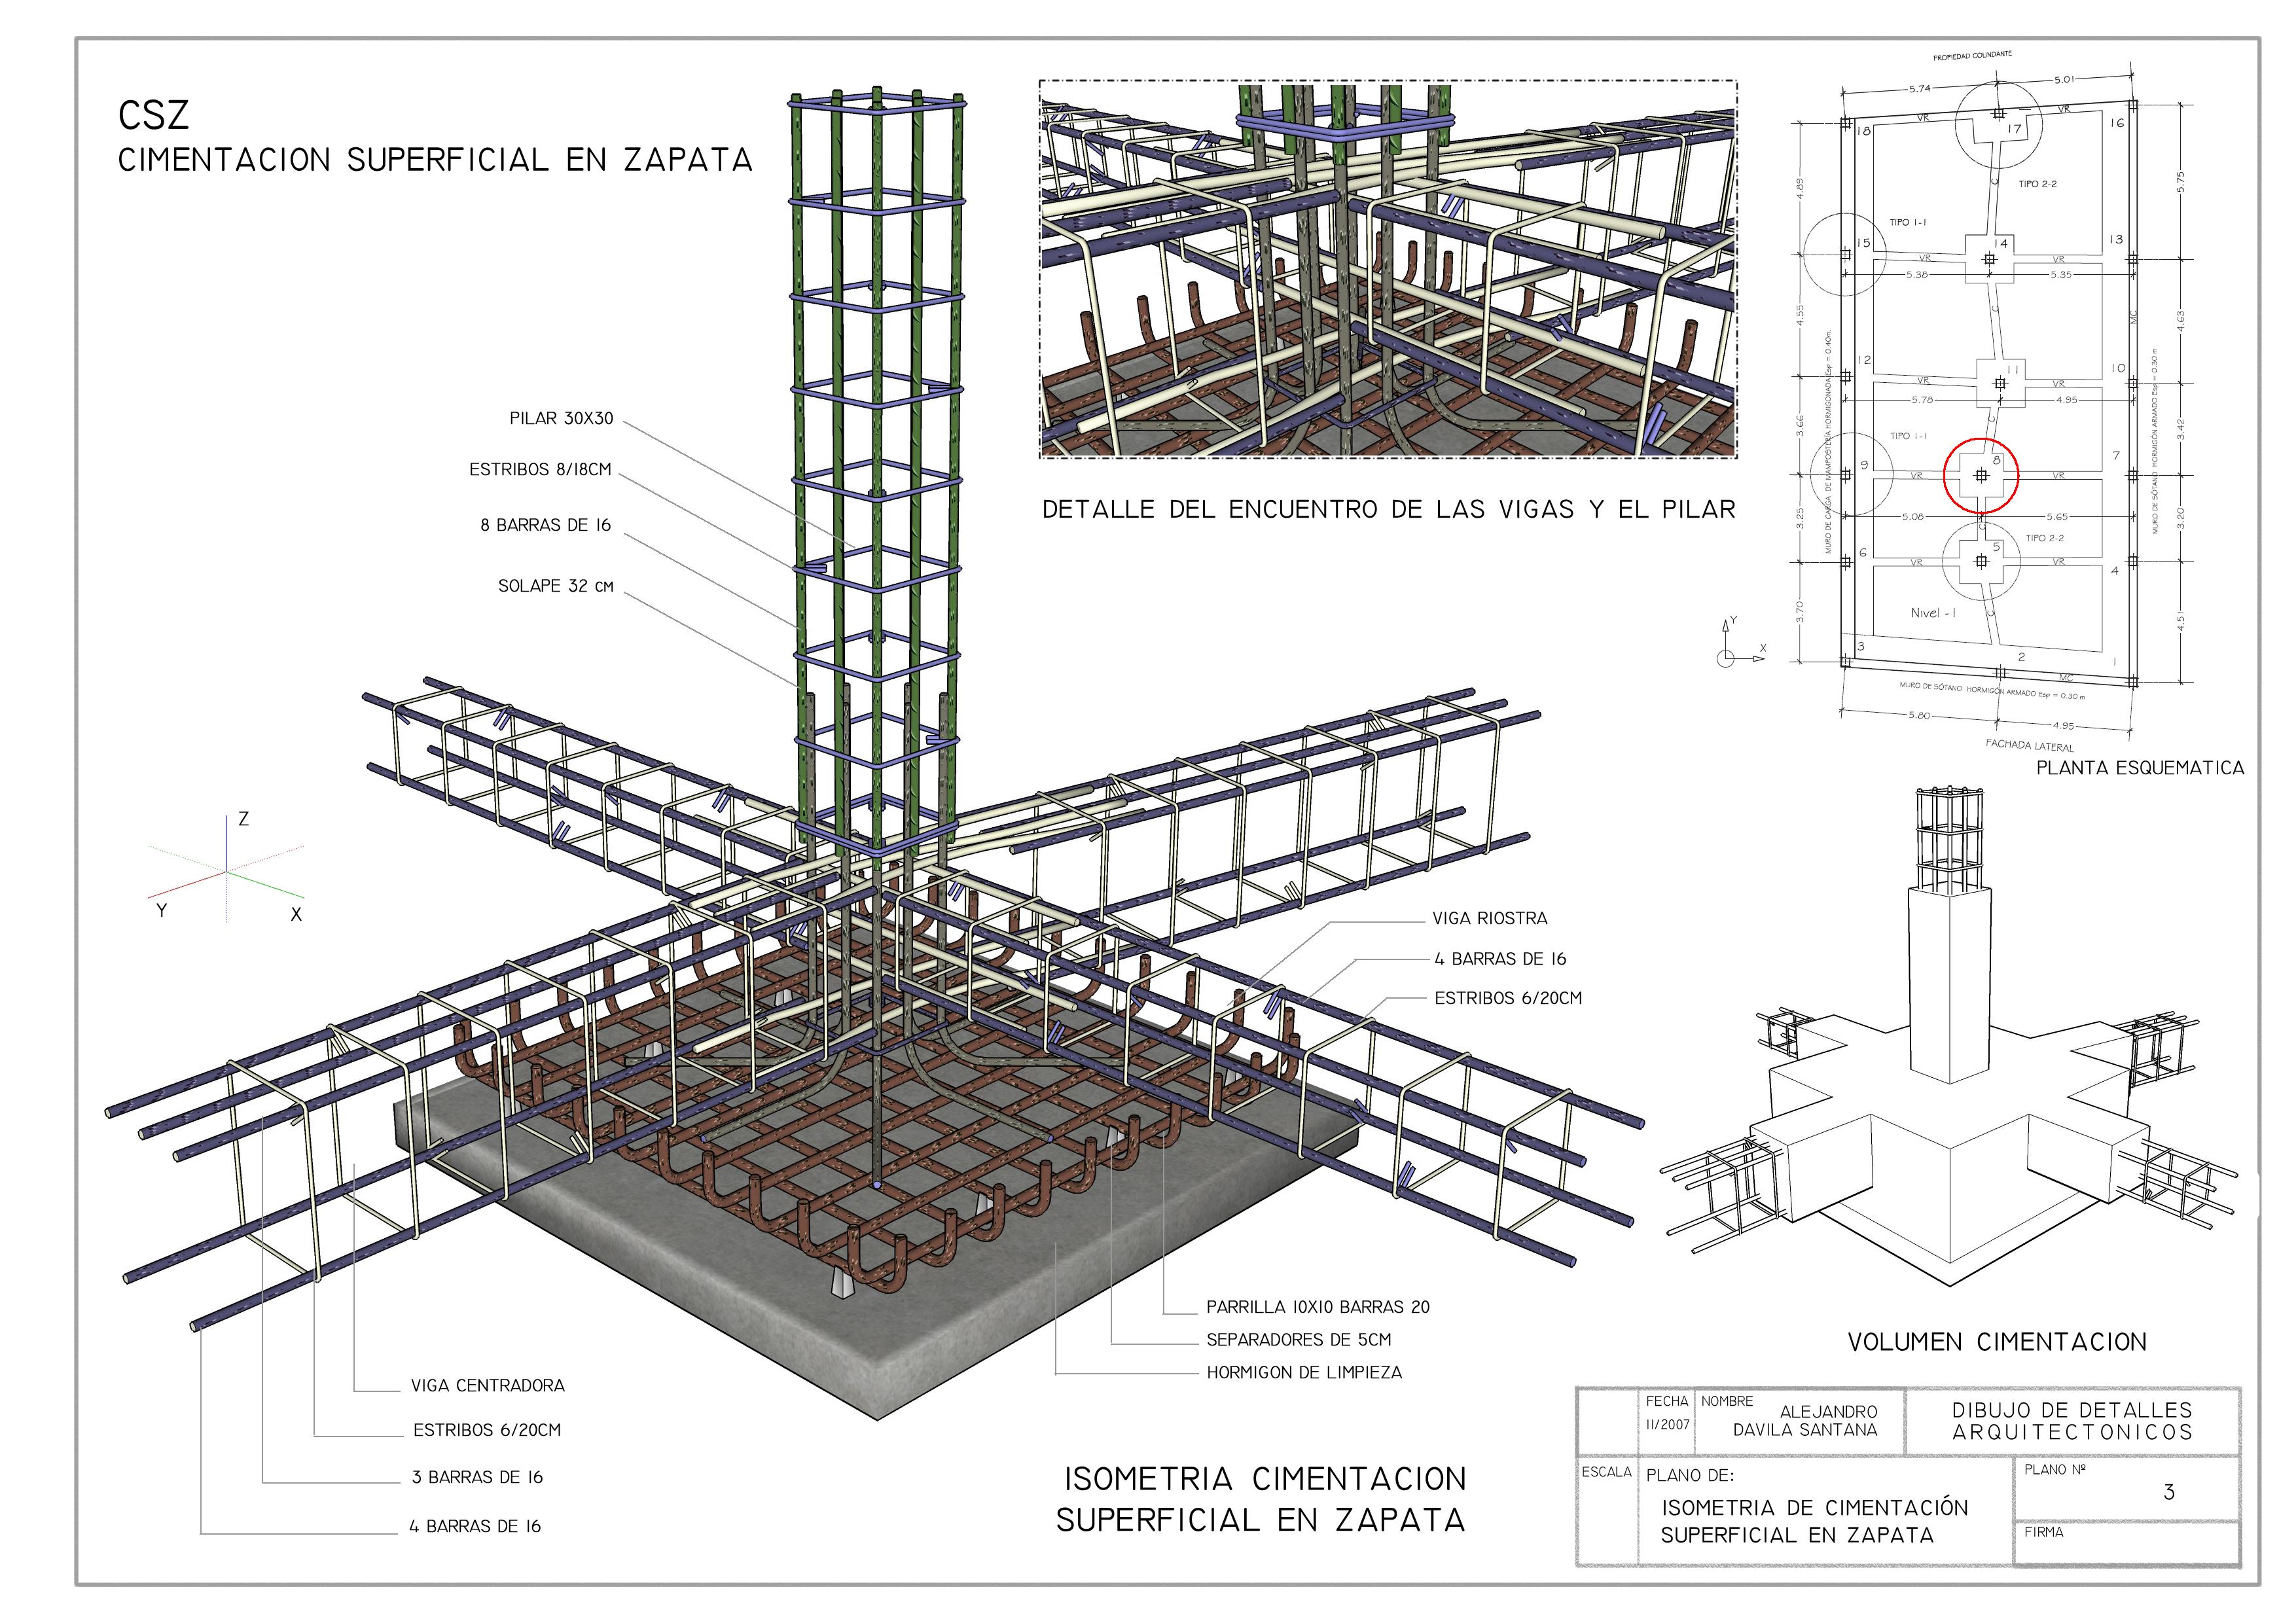 Detalles constructivos i alejandro d vila santana for Normas para planos arquitectonicos